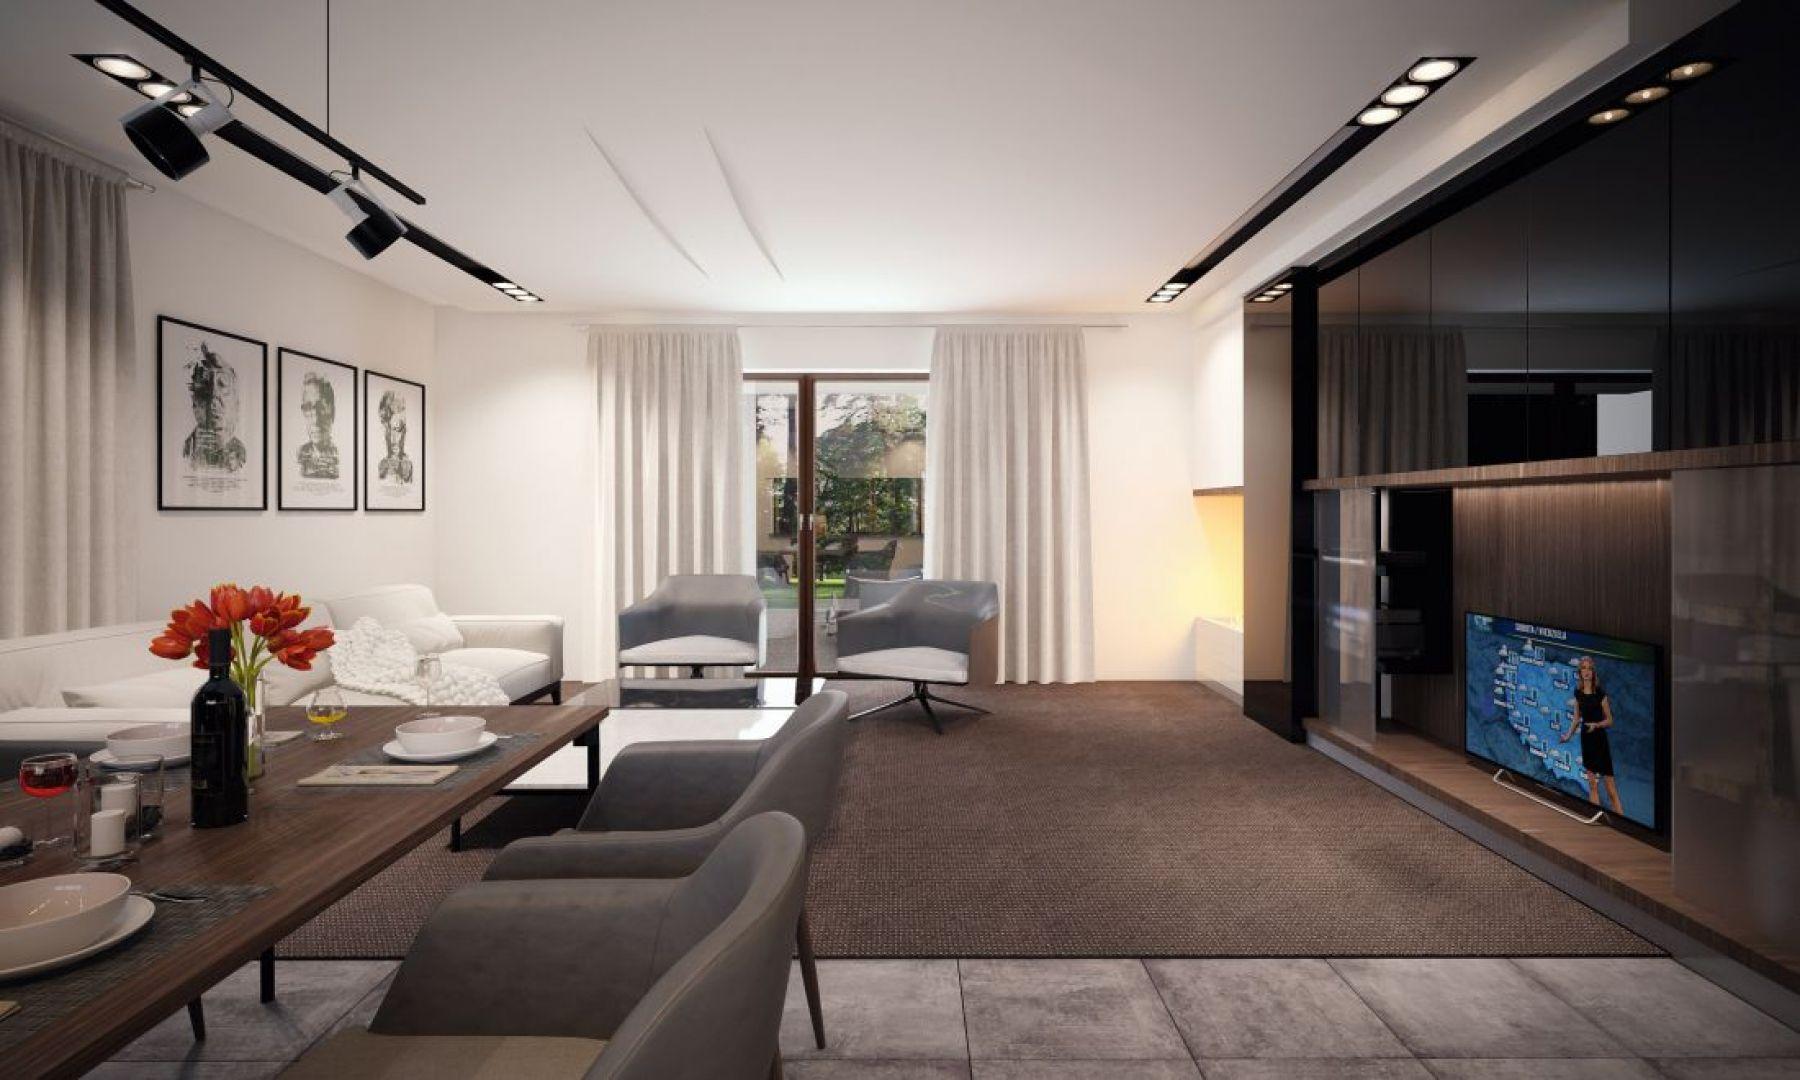 Wnętrze jest wypełnione światłem, co zawdzięczamy dużej powierzchni drzwi balkonowych.Fot. Archetyp